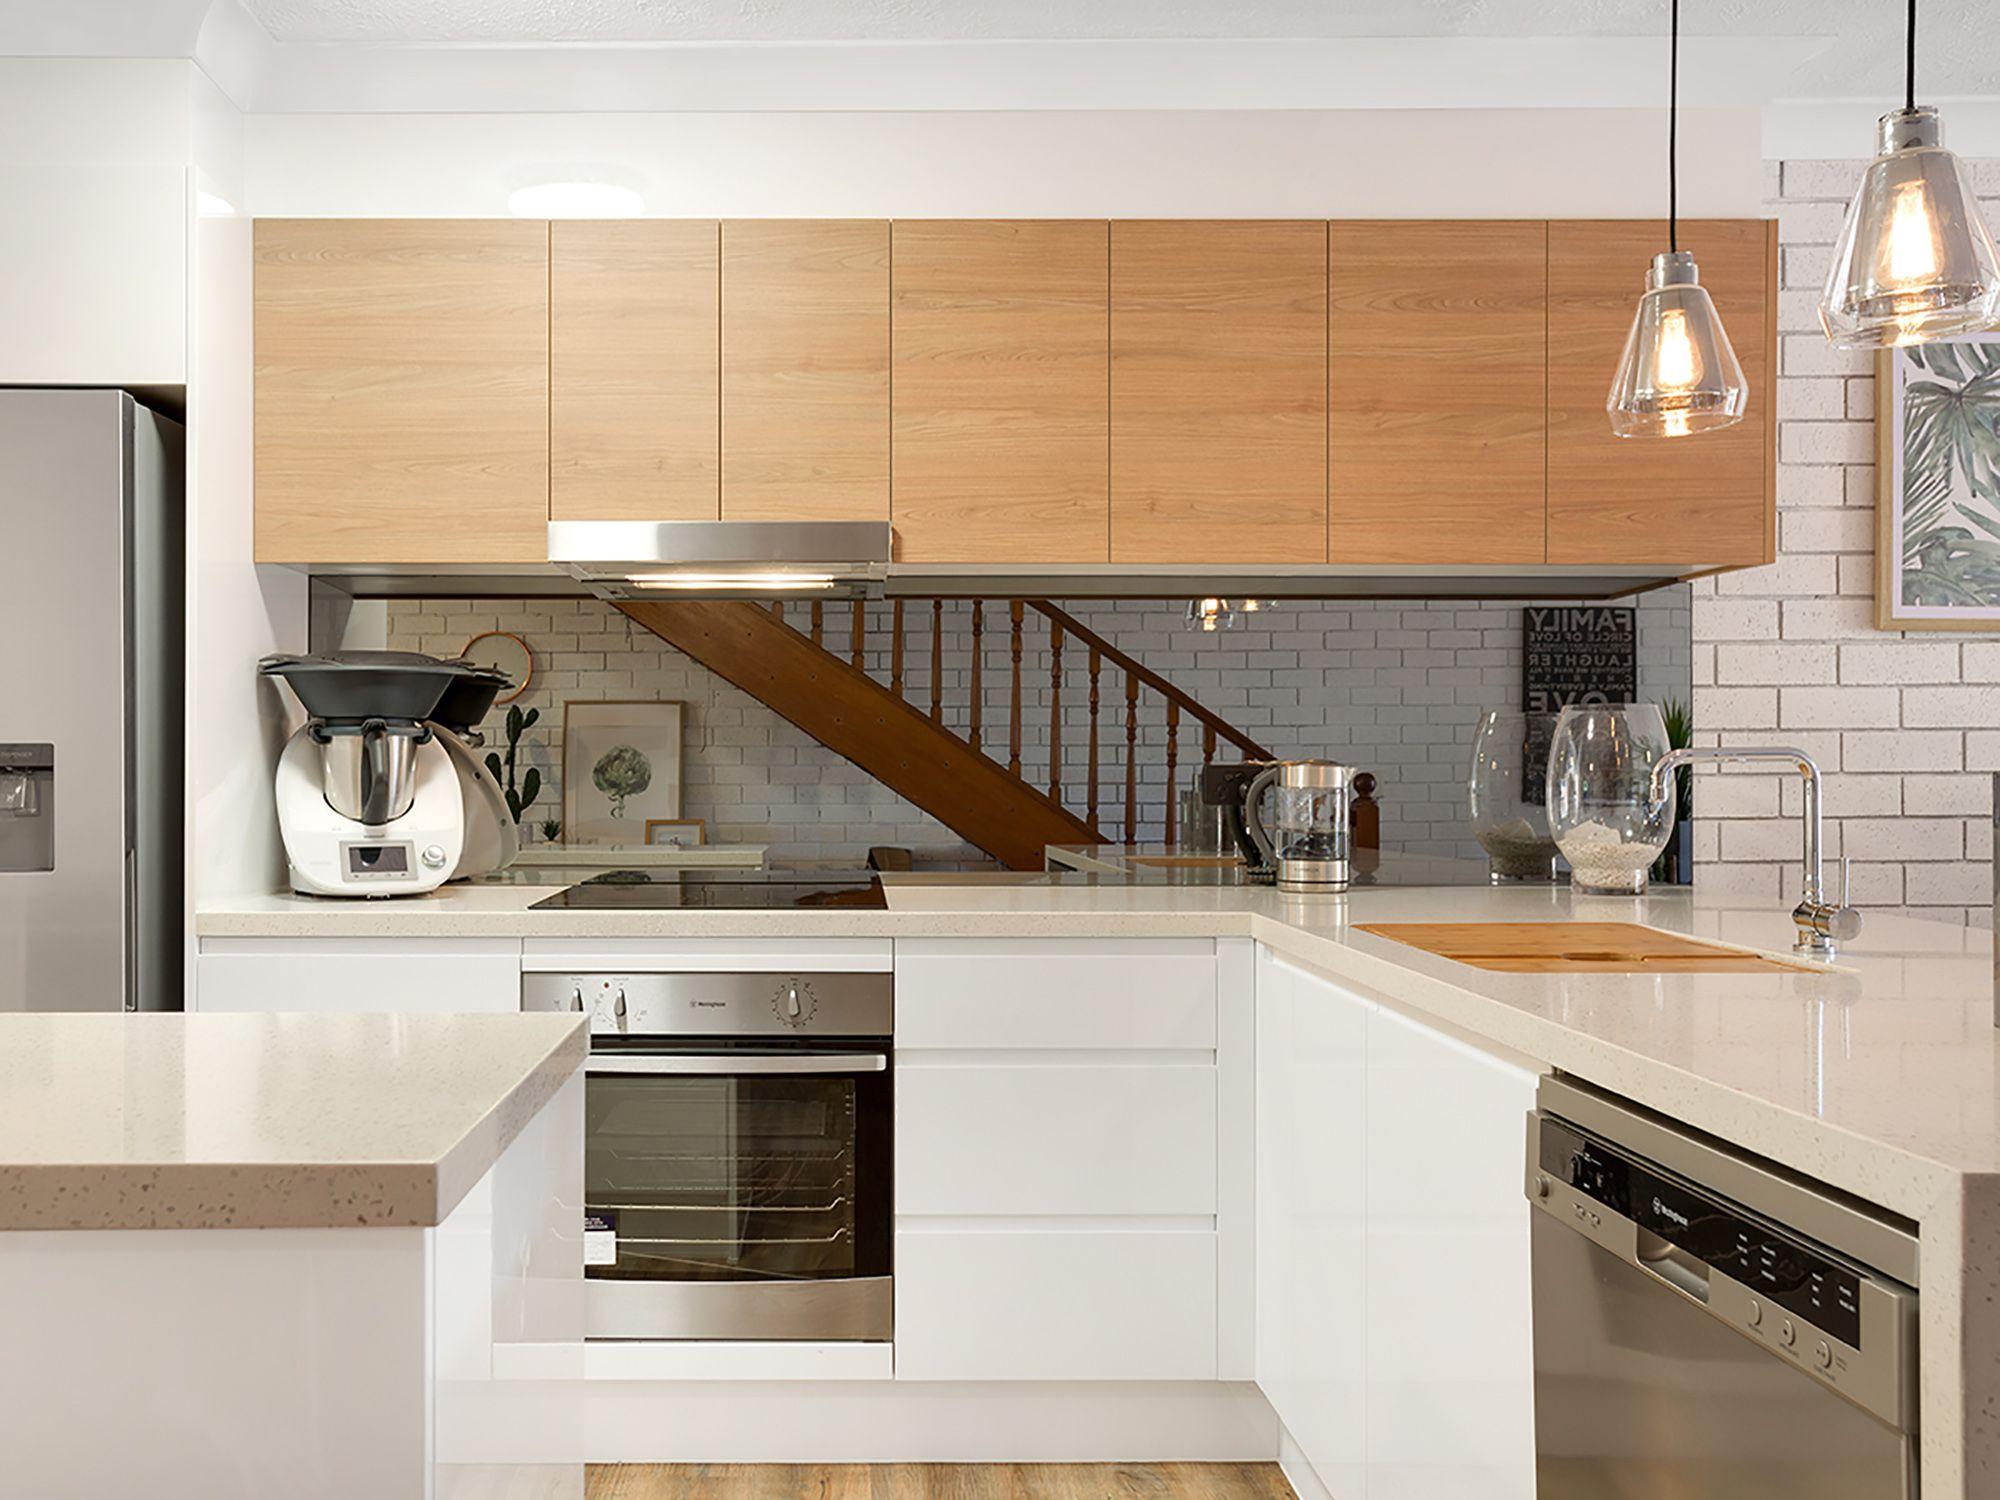 Pin On Verto Kitchens